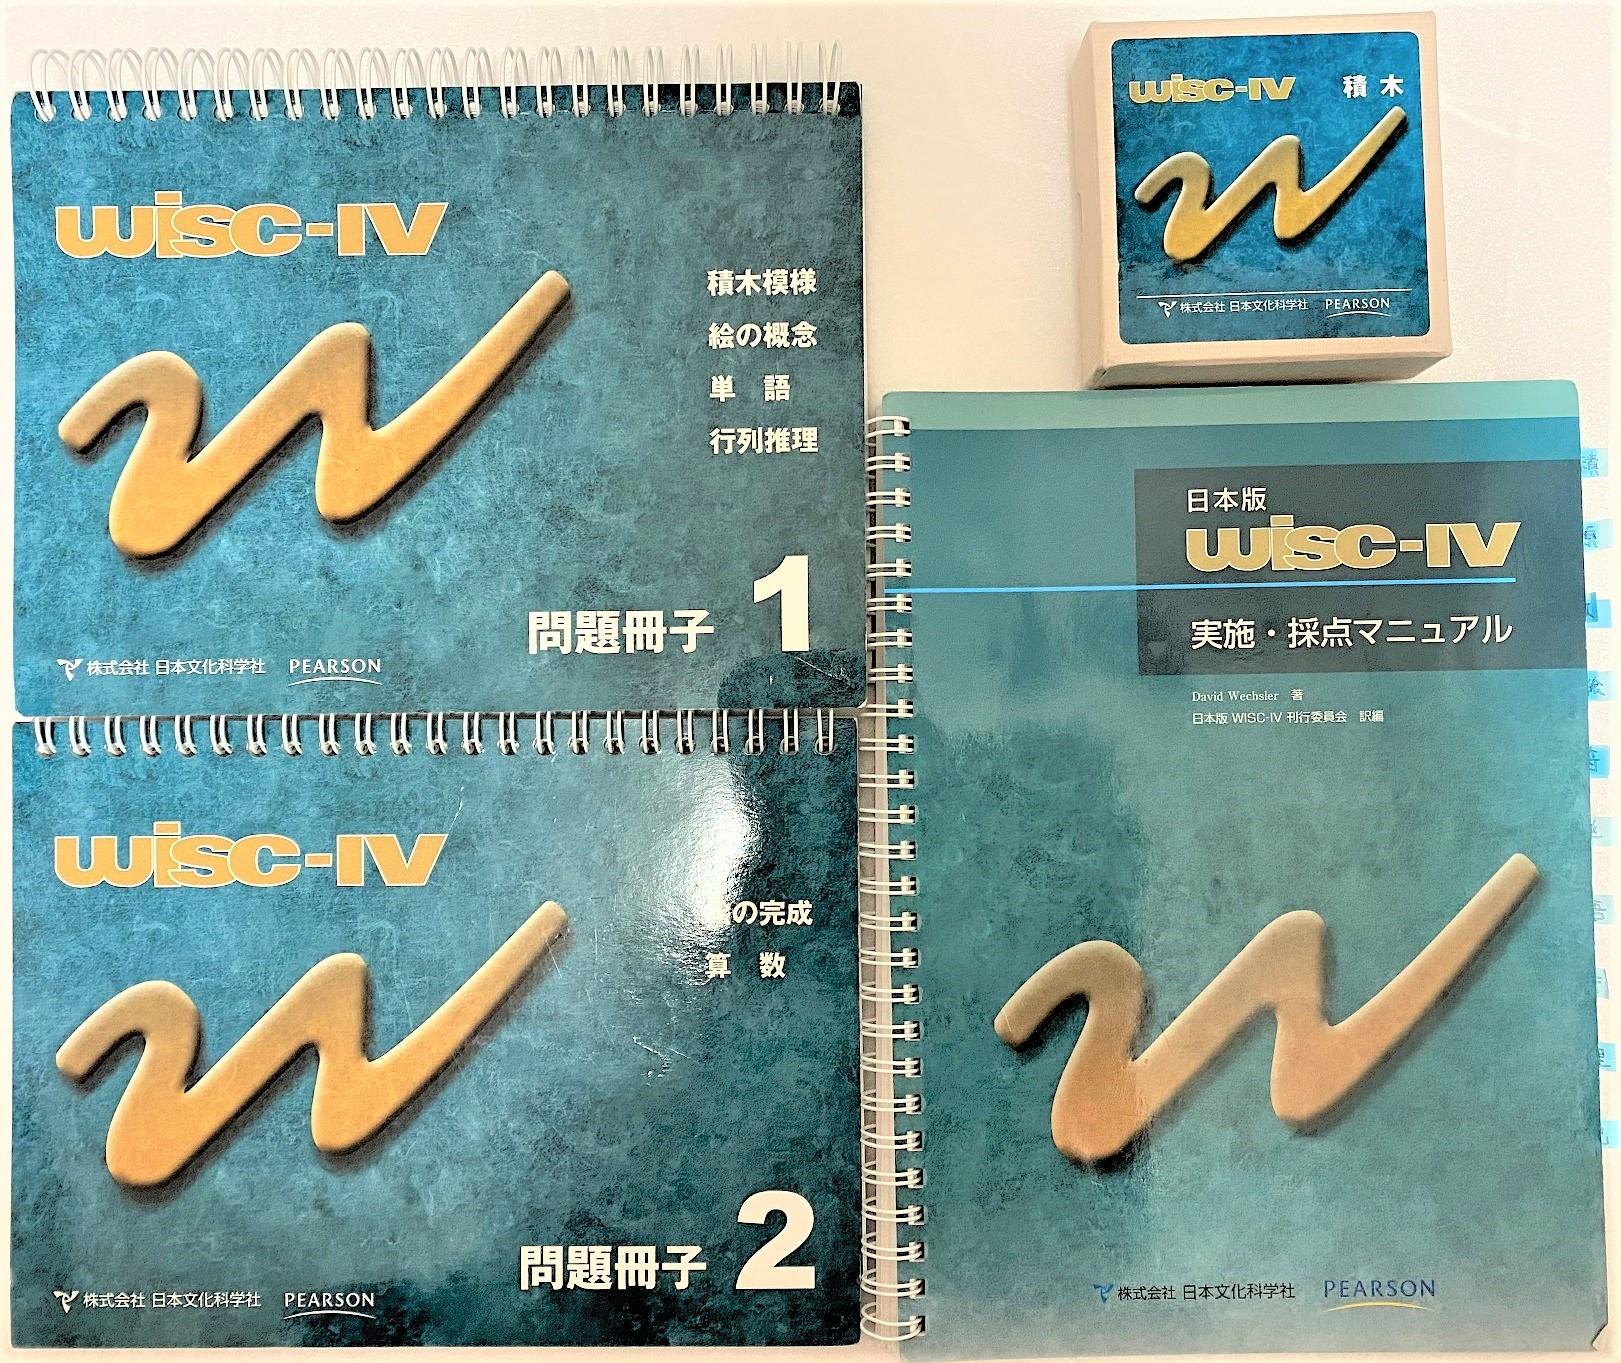 009【WISC-Ⅳ】WISC4(ウィスク4)検査の適用年齢は